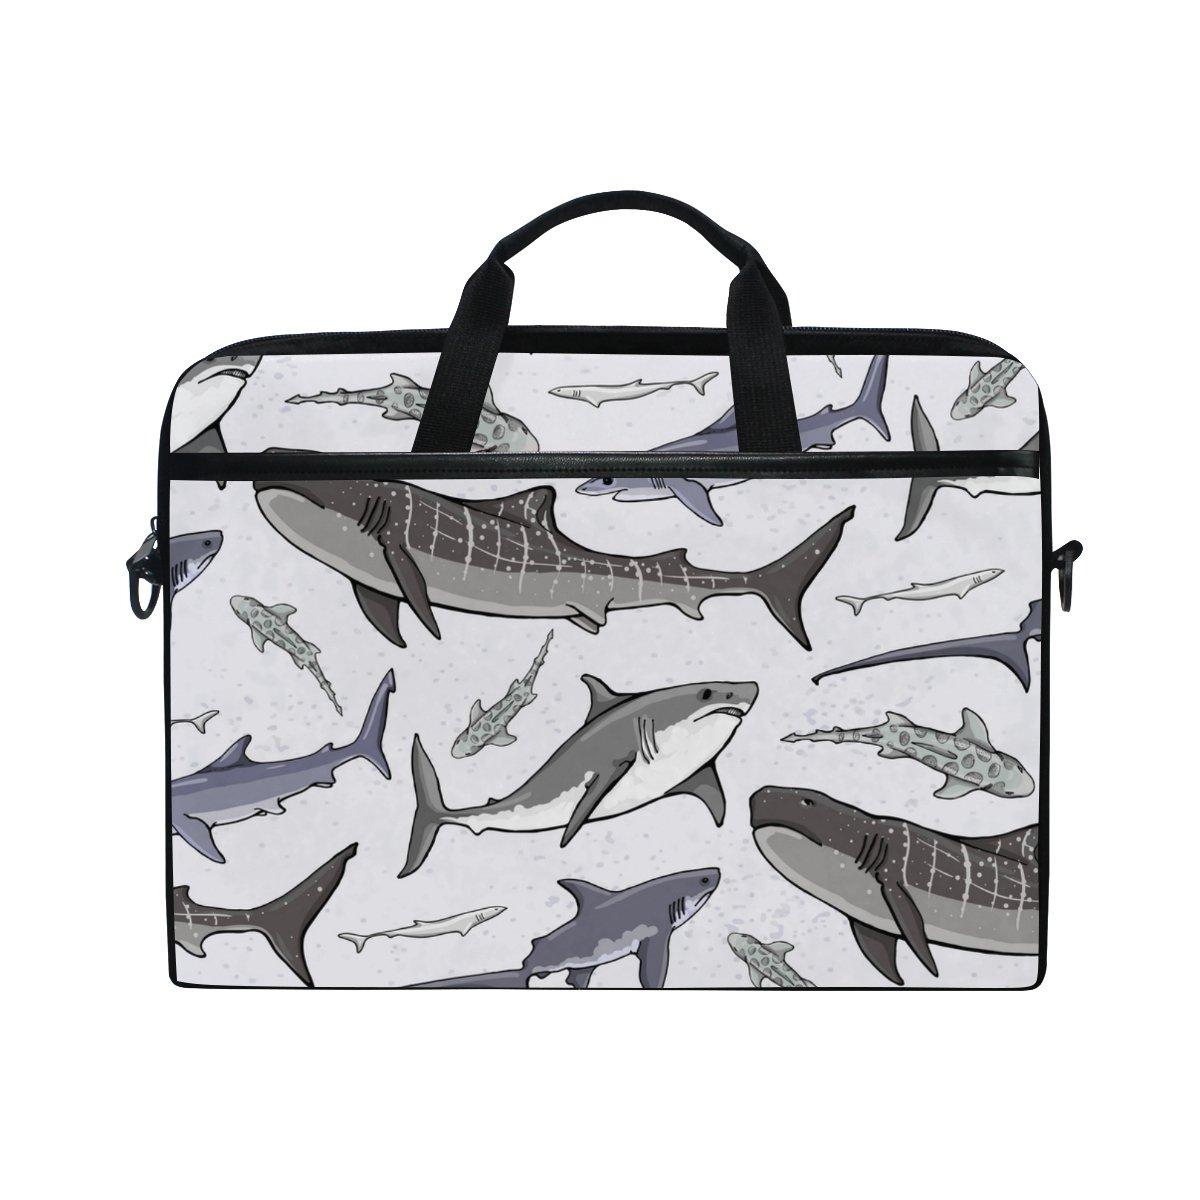 delicate ALAZA Hand Drawn Sharks Laptop Bag Shoulder Bag Briefcase Messenger Tablet Bag 15 15.6 Inch for Women Men